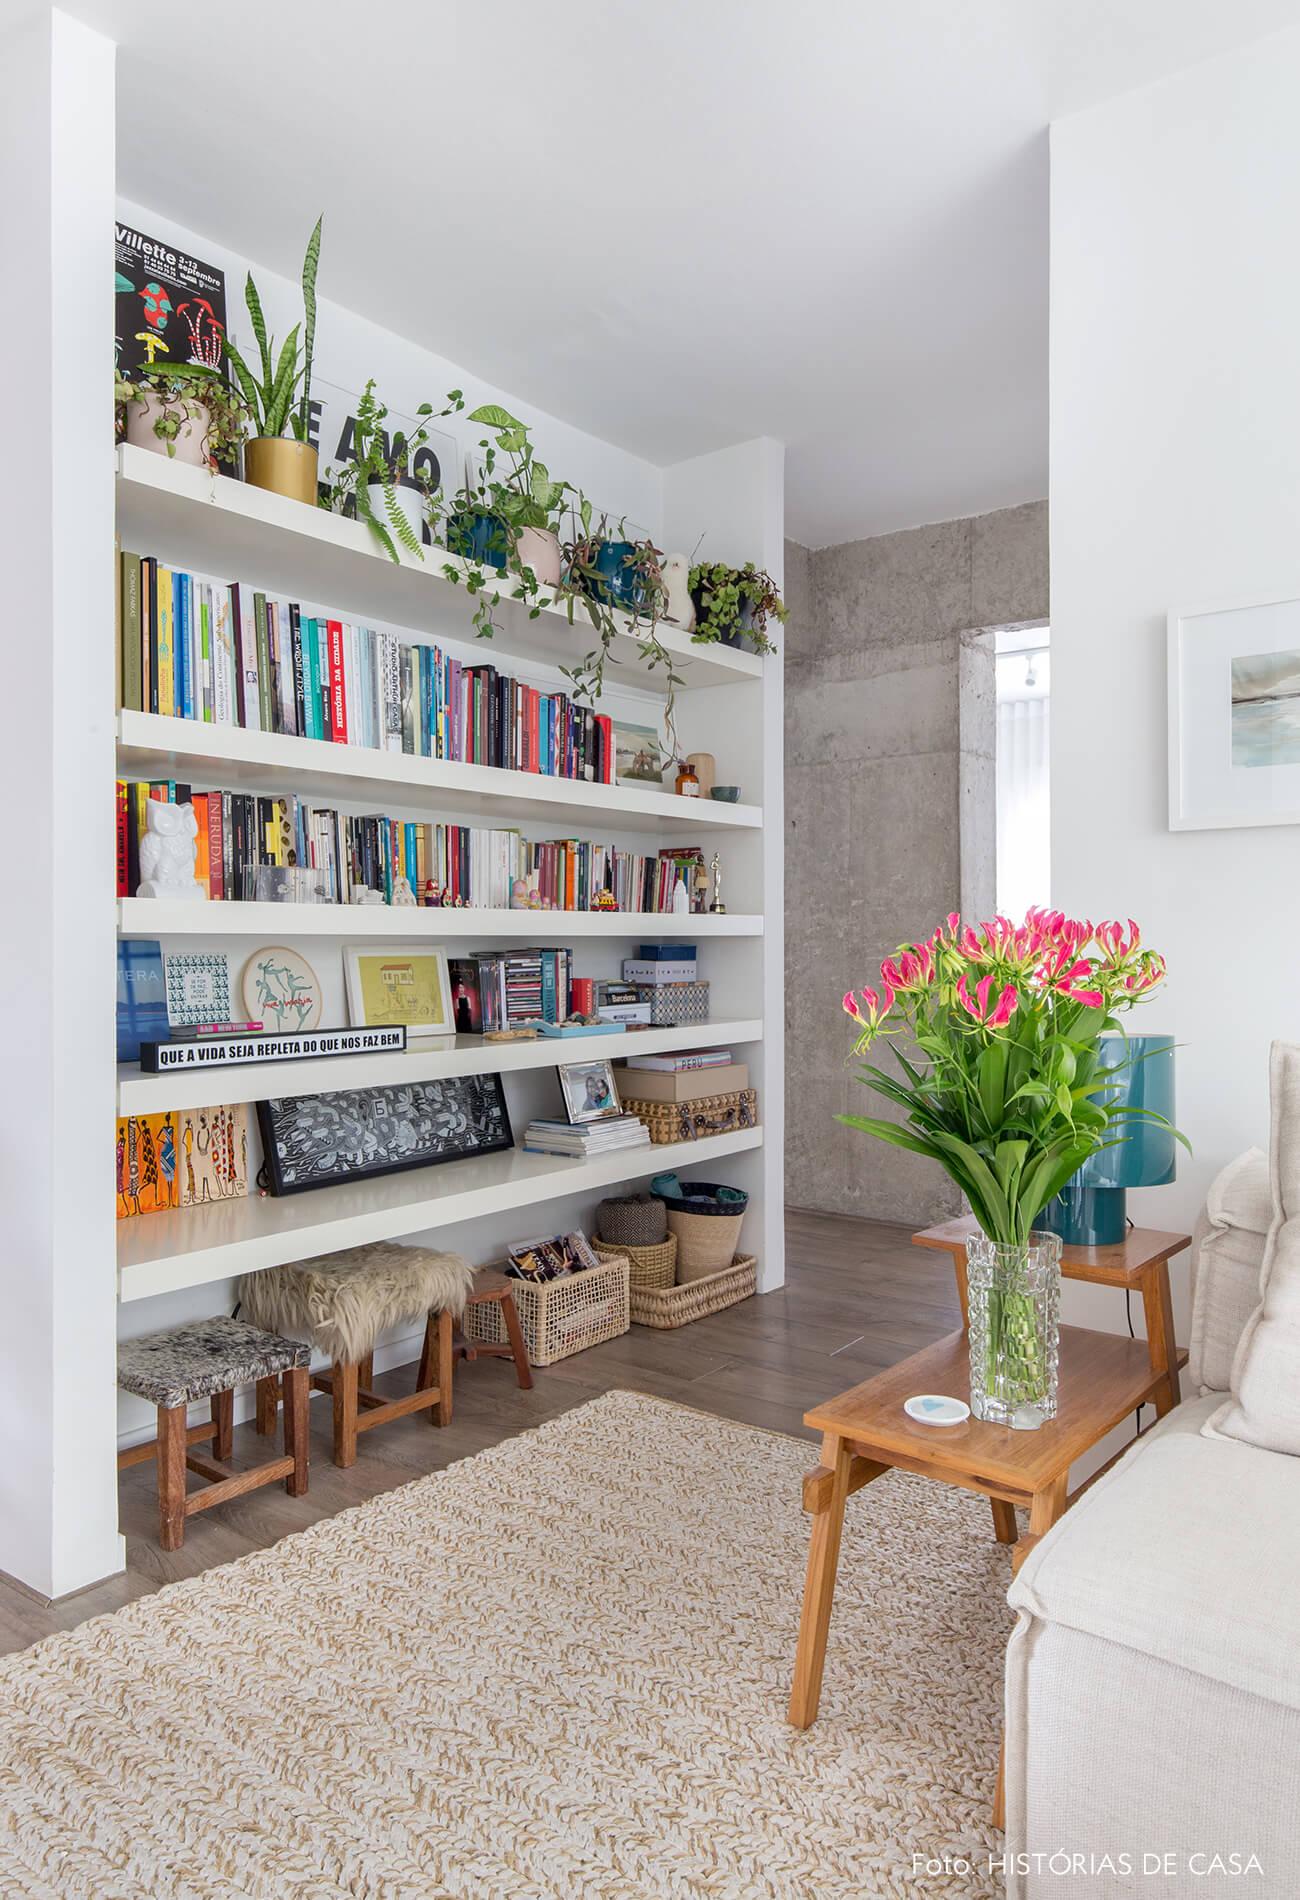 Estante embutida em recuo no corredor, livros coloridos e plantas